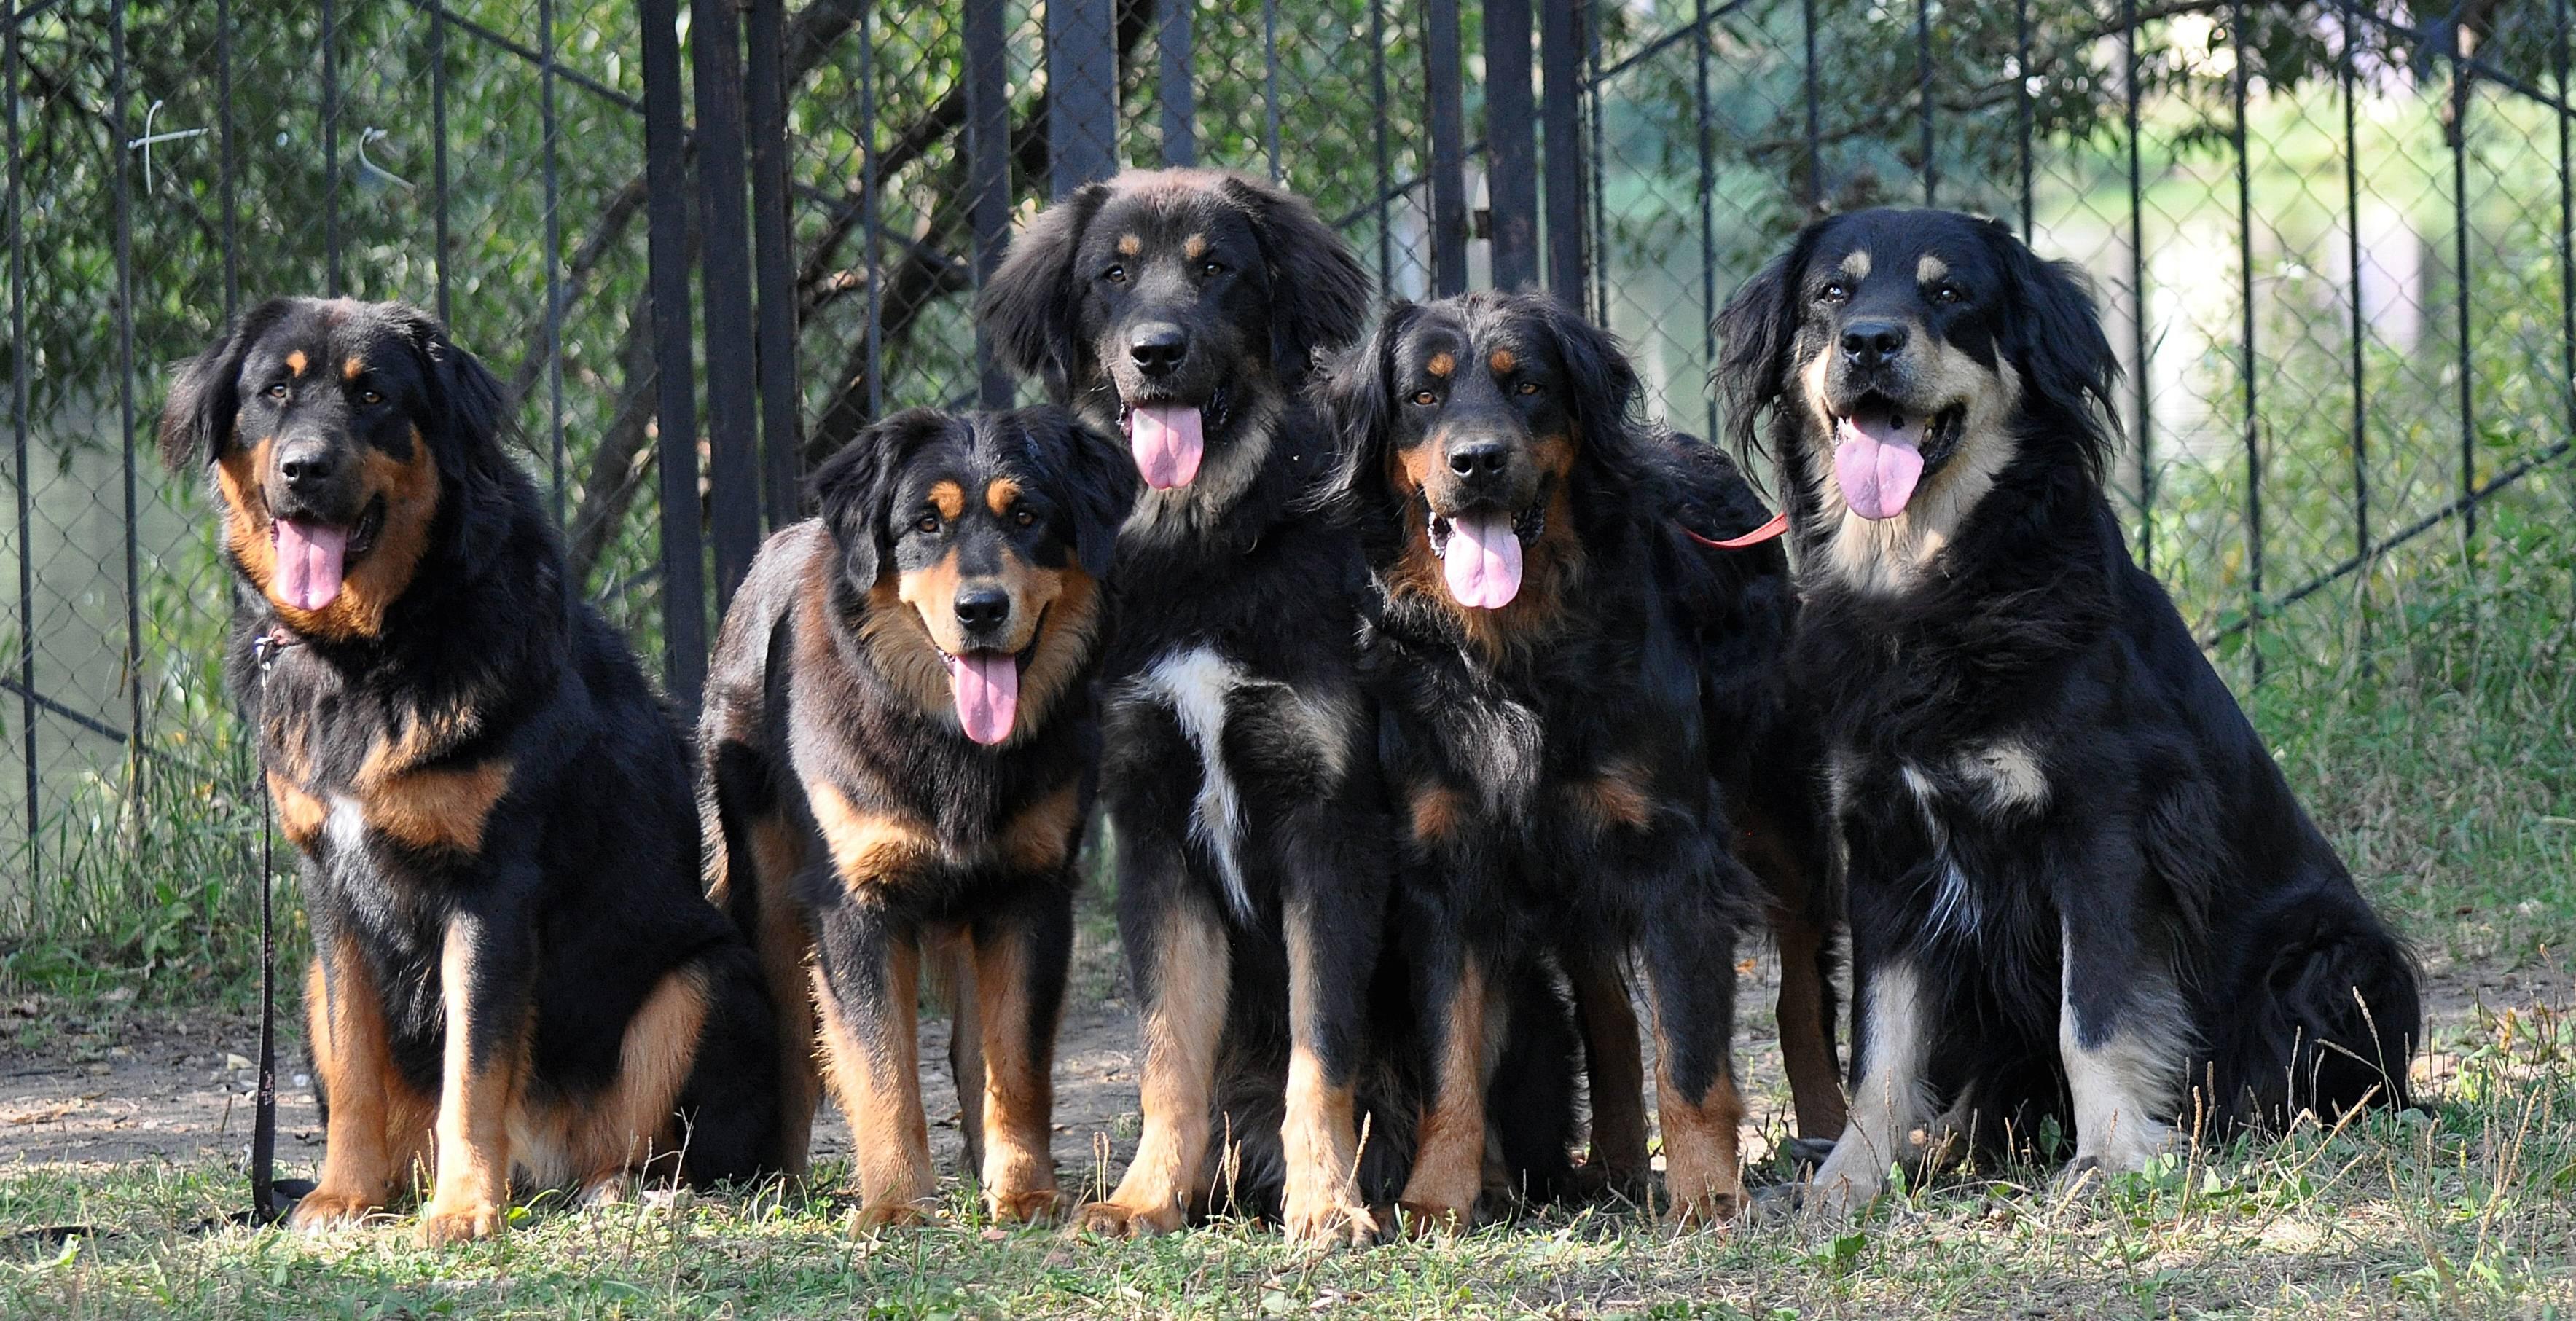 Бурят-монгольские волкодавы (36 фото): кто такие хотошо? описание породы собак, подходящие клички для щенков, отзывы владельцев